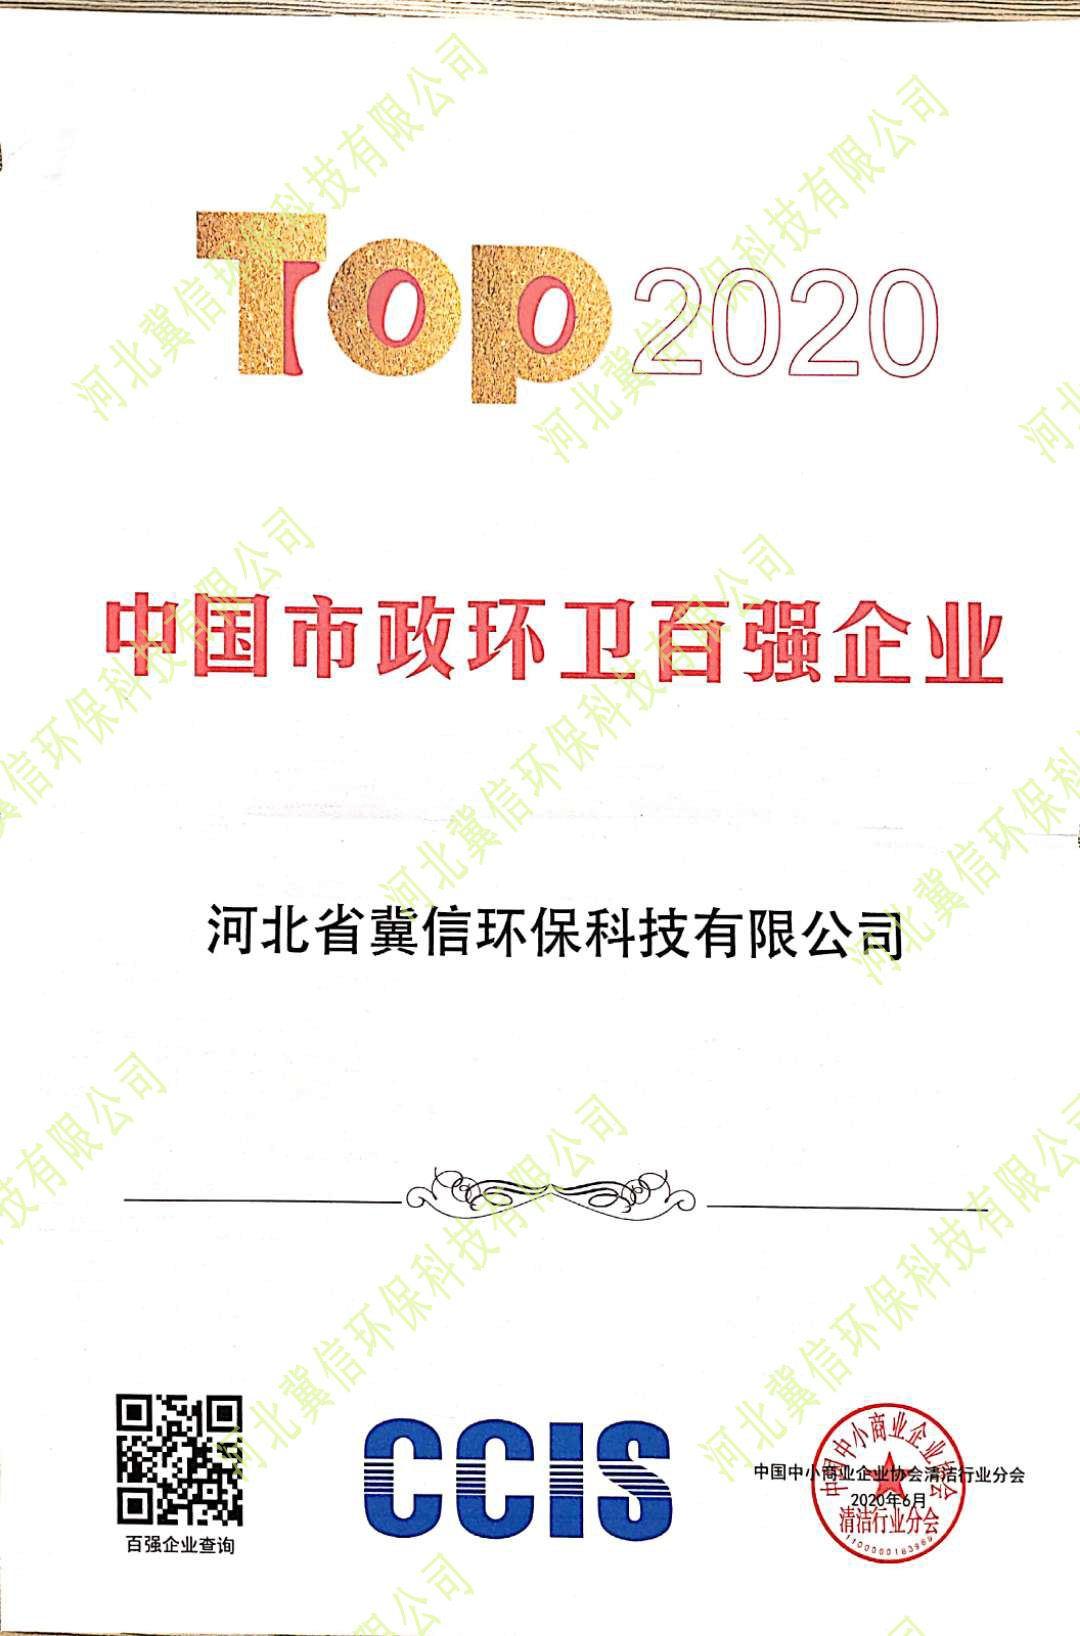 2020年中国市政环卫百